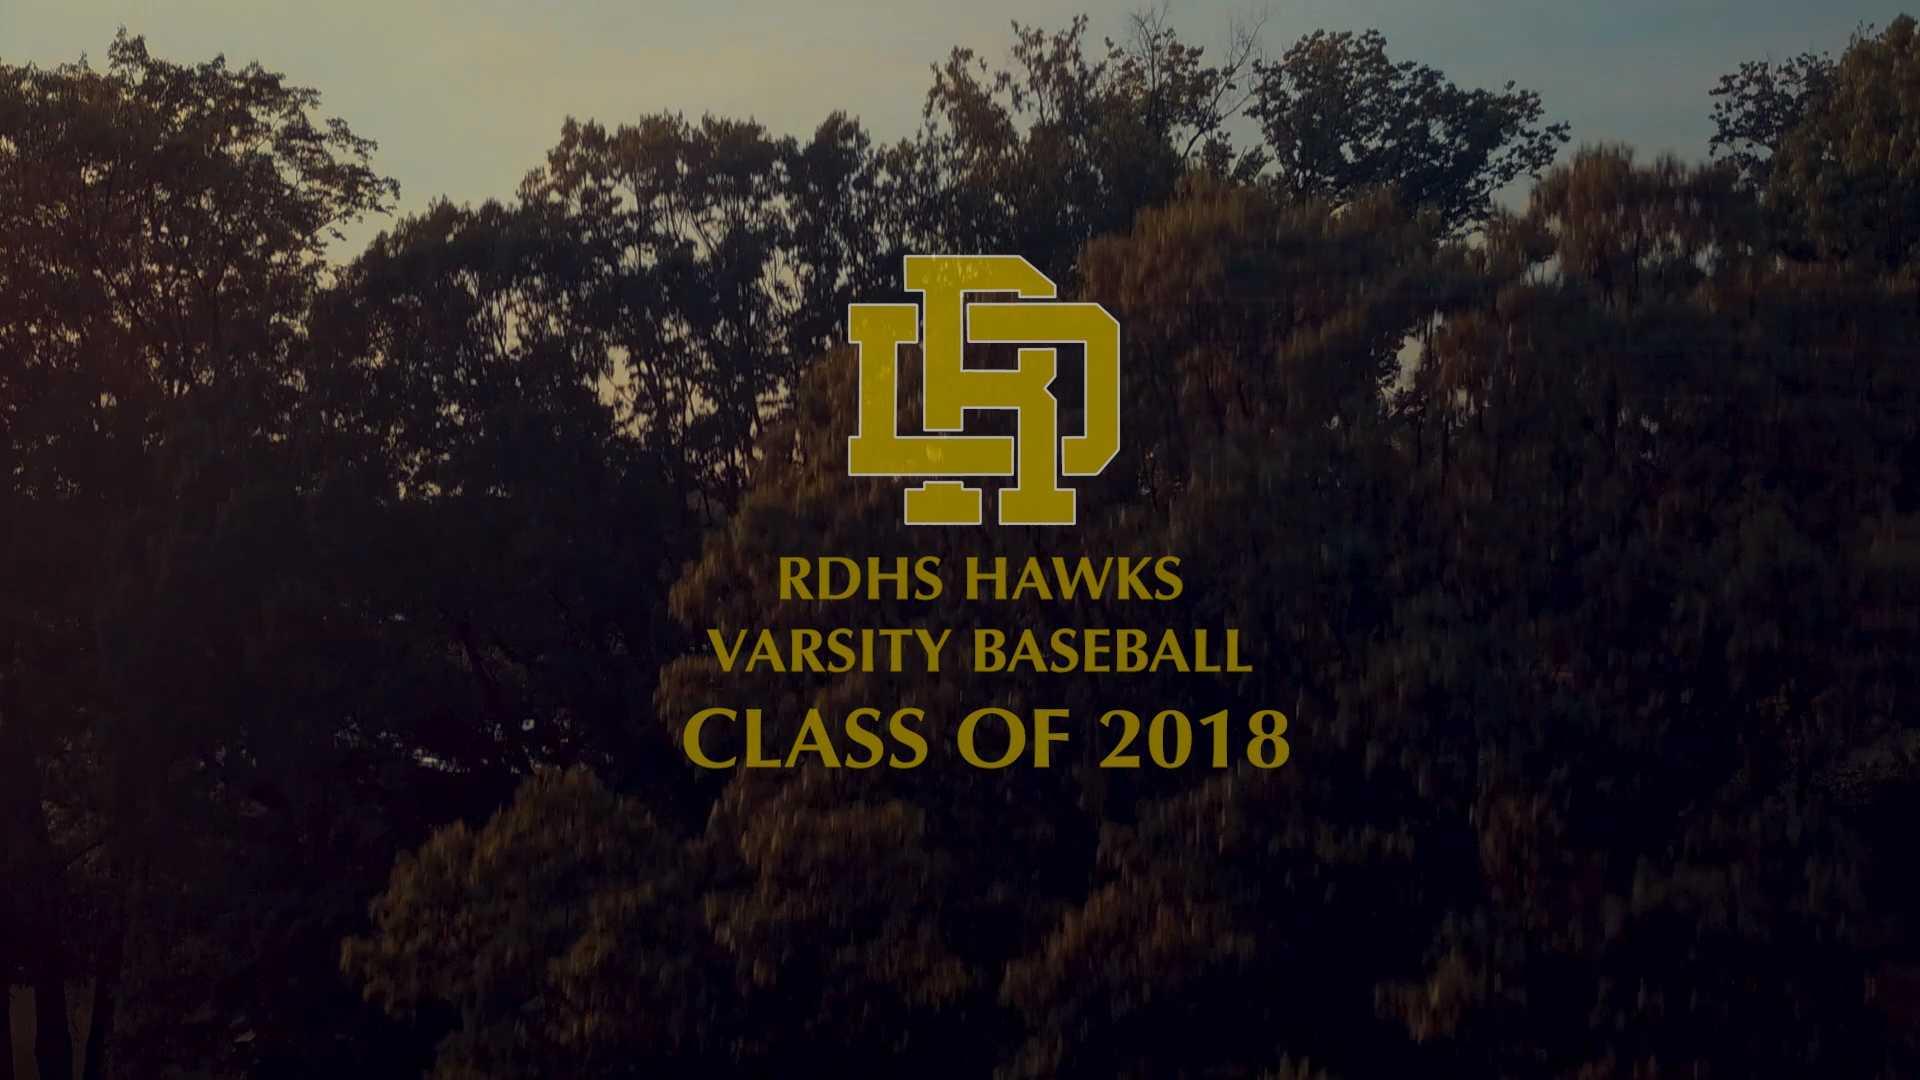 Baseball Highlight Video cover image